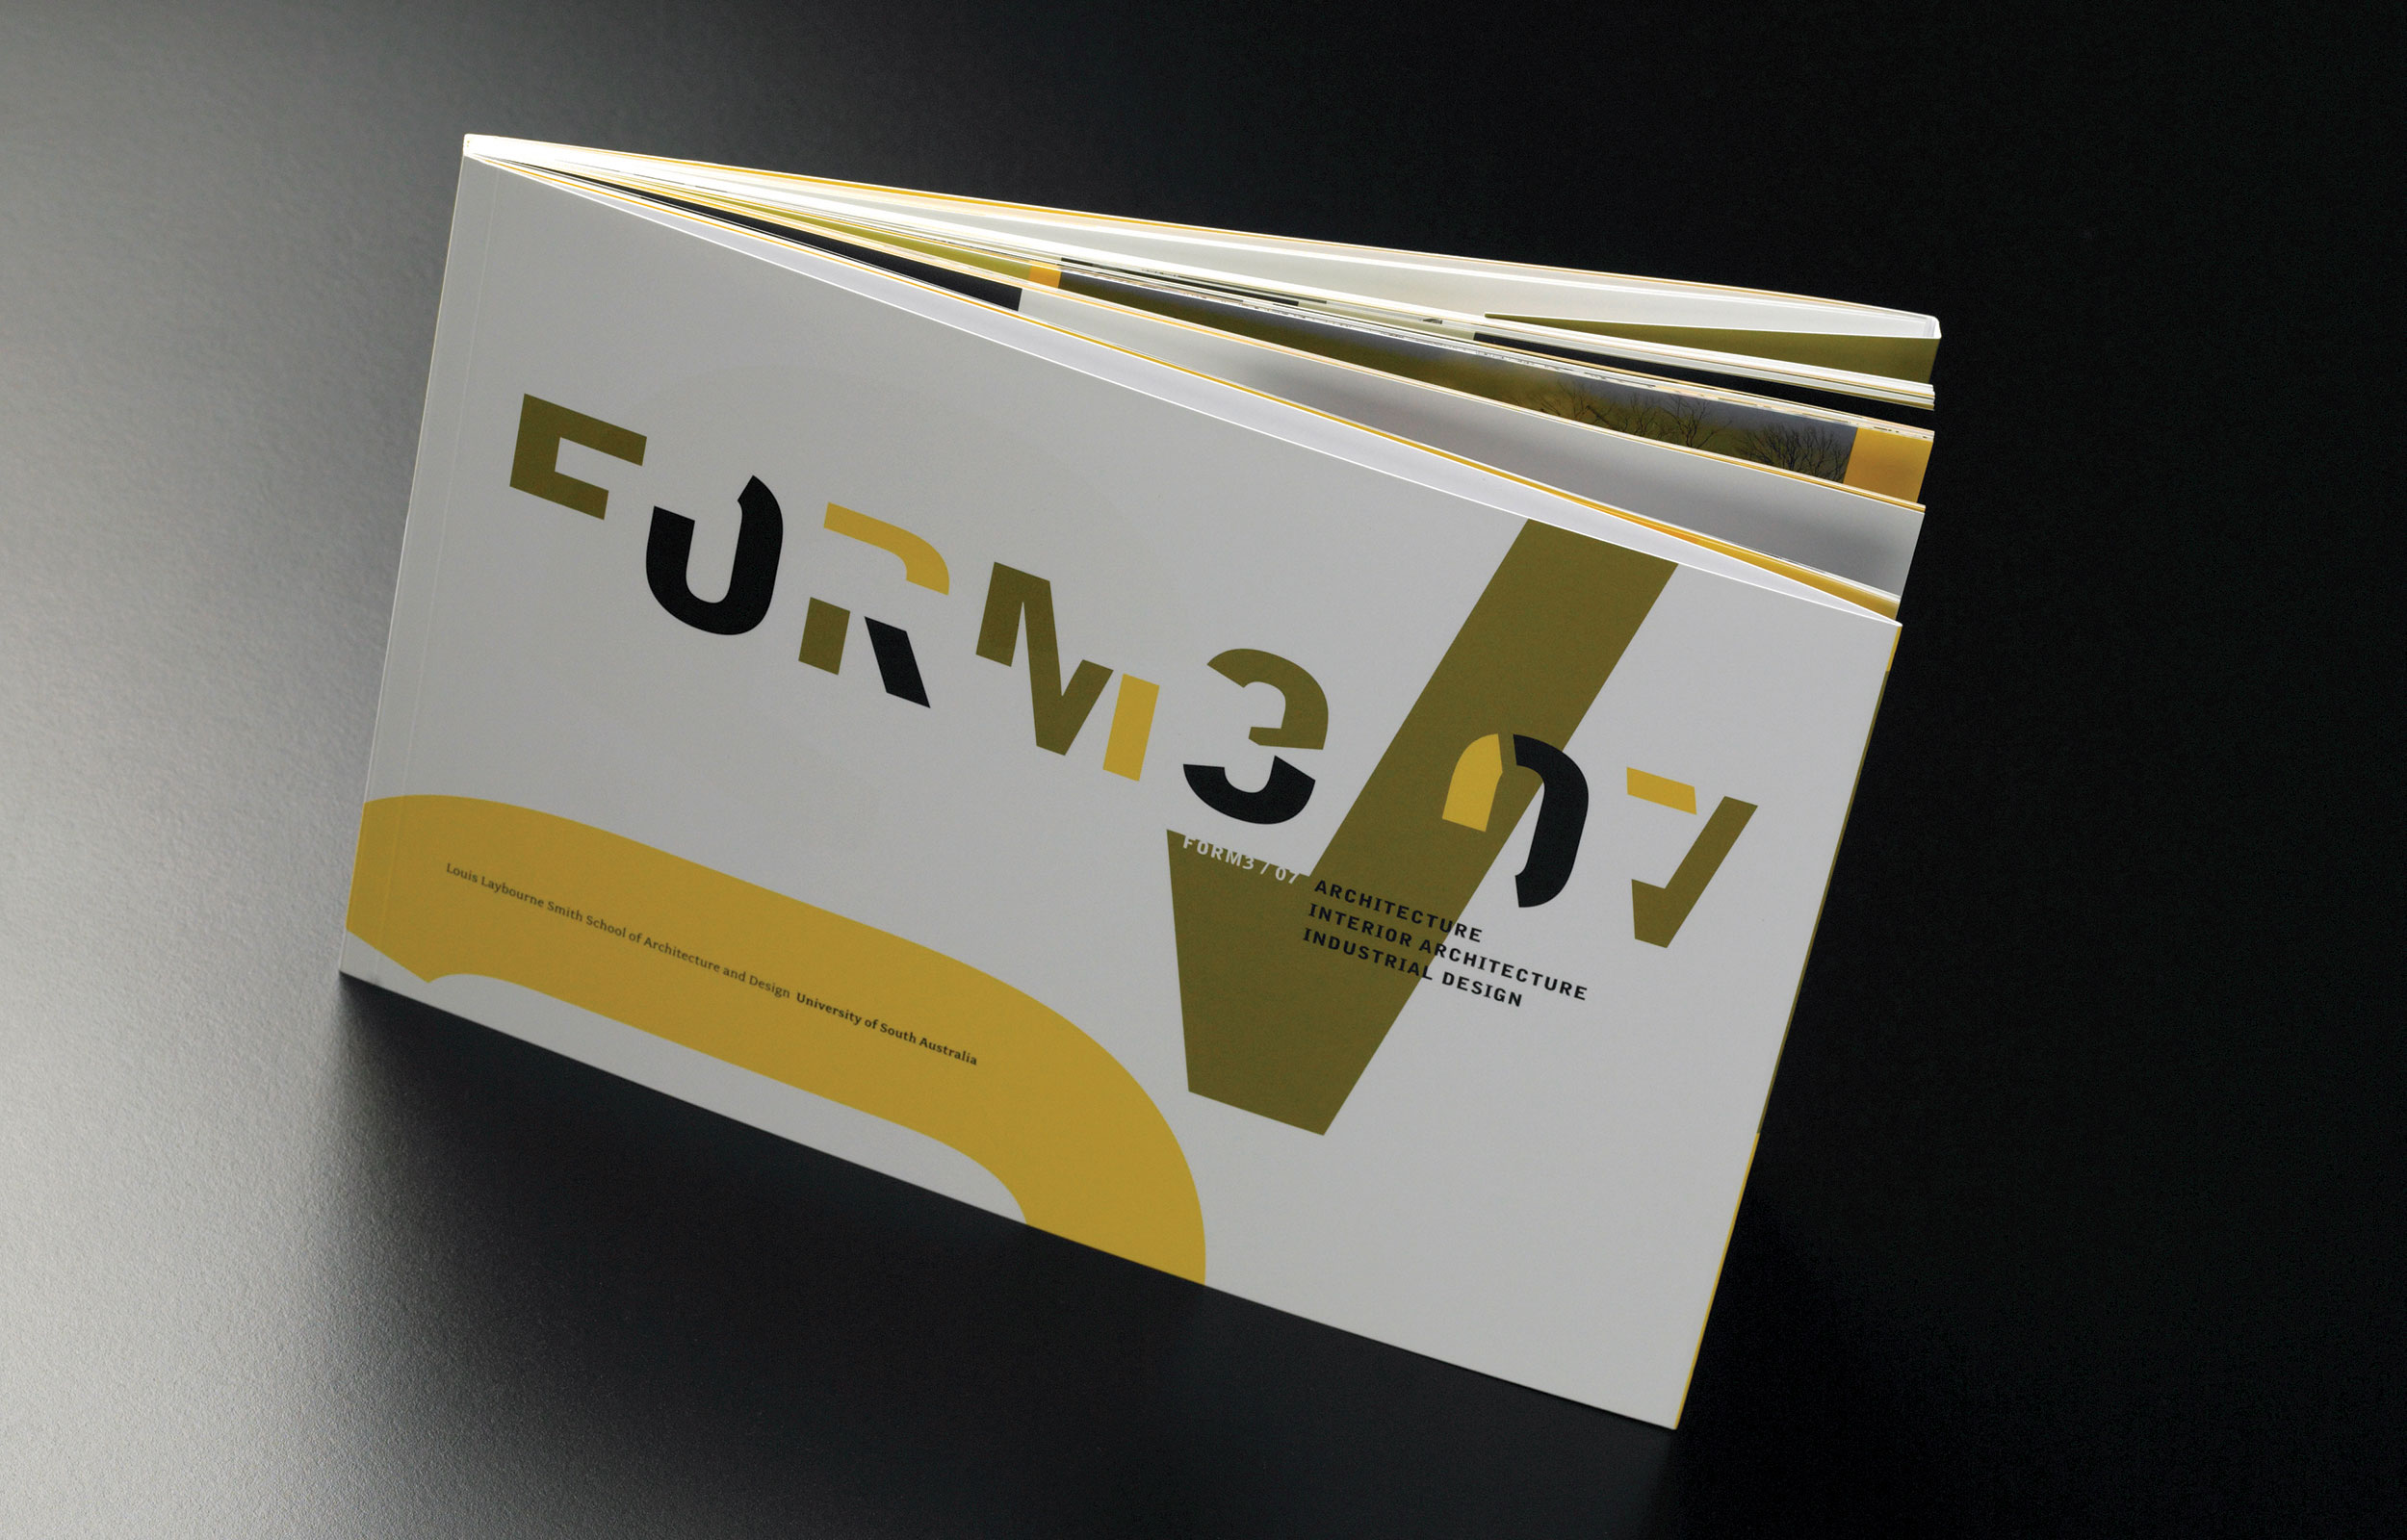 enoki-graphic-form-1.jpg